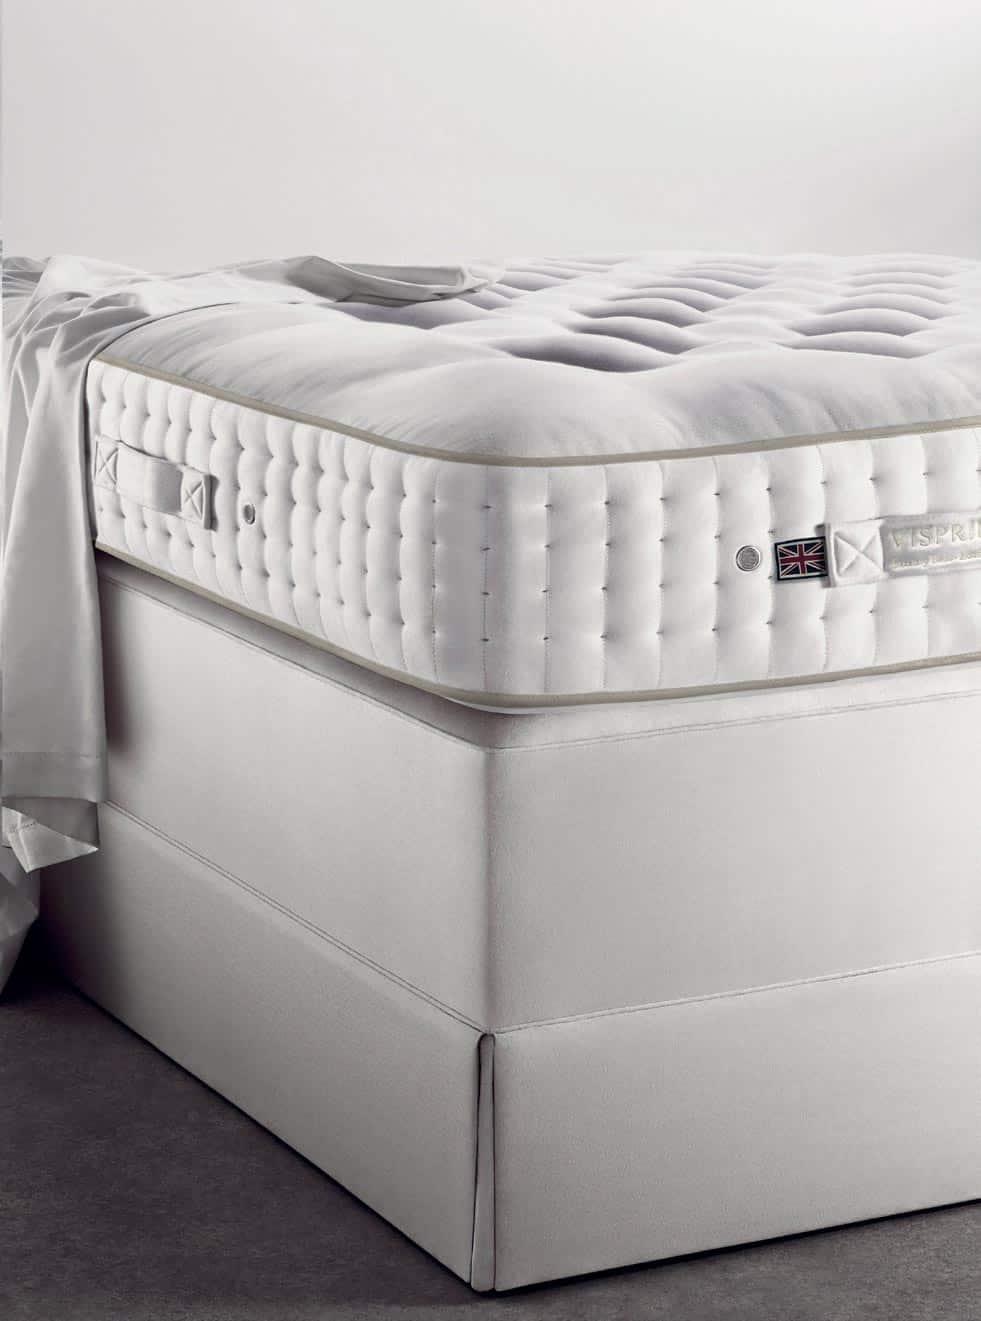 Vispring Signatory Superb and Sovereign Divan bed corner